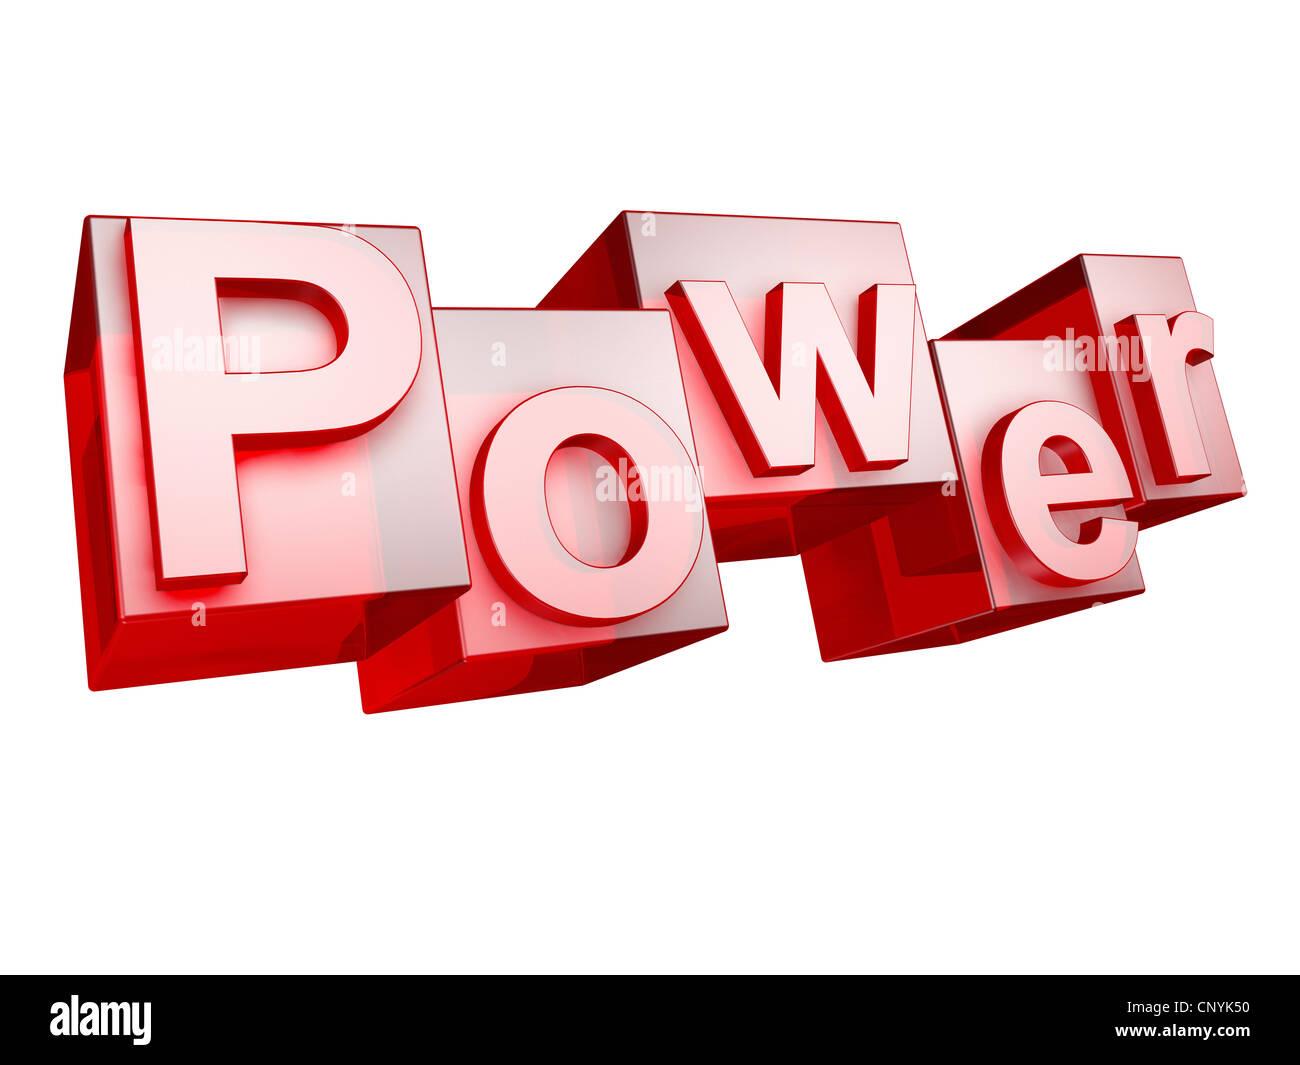 The word POWER in 3D Letters on white background - Das Wort POWER aus 3D Buchstaben gesetzt, freigestellt auf weißem - Stock Image